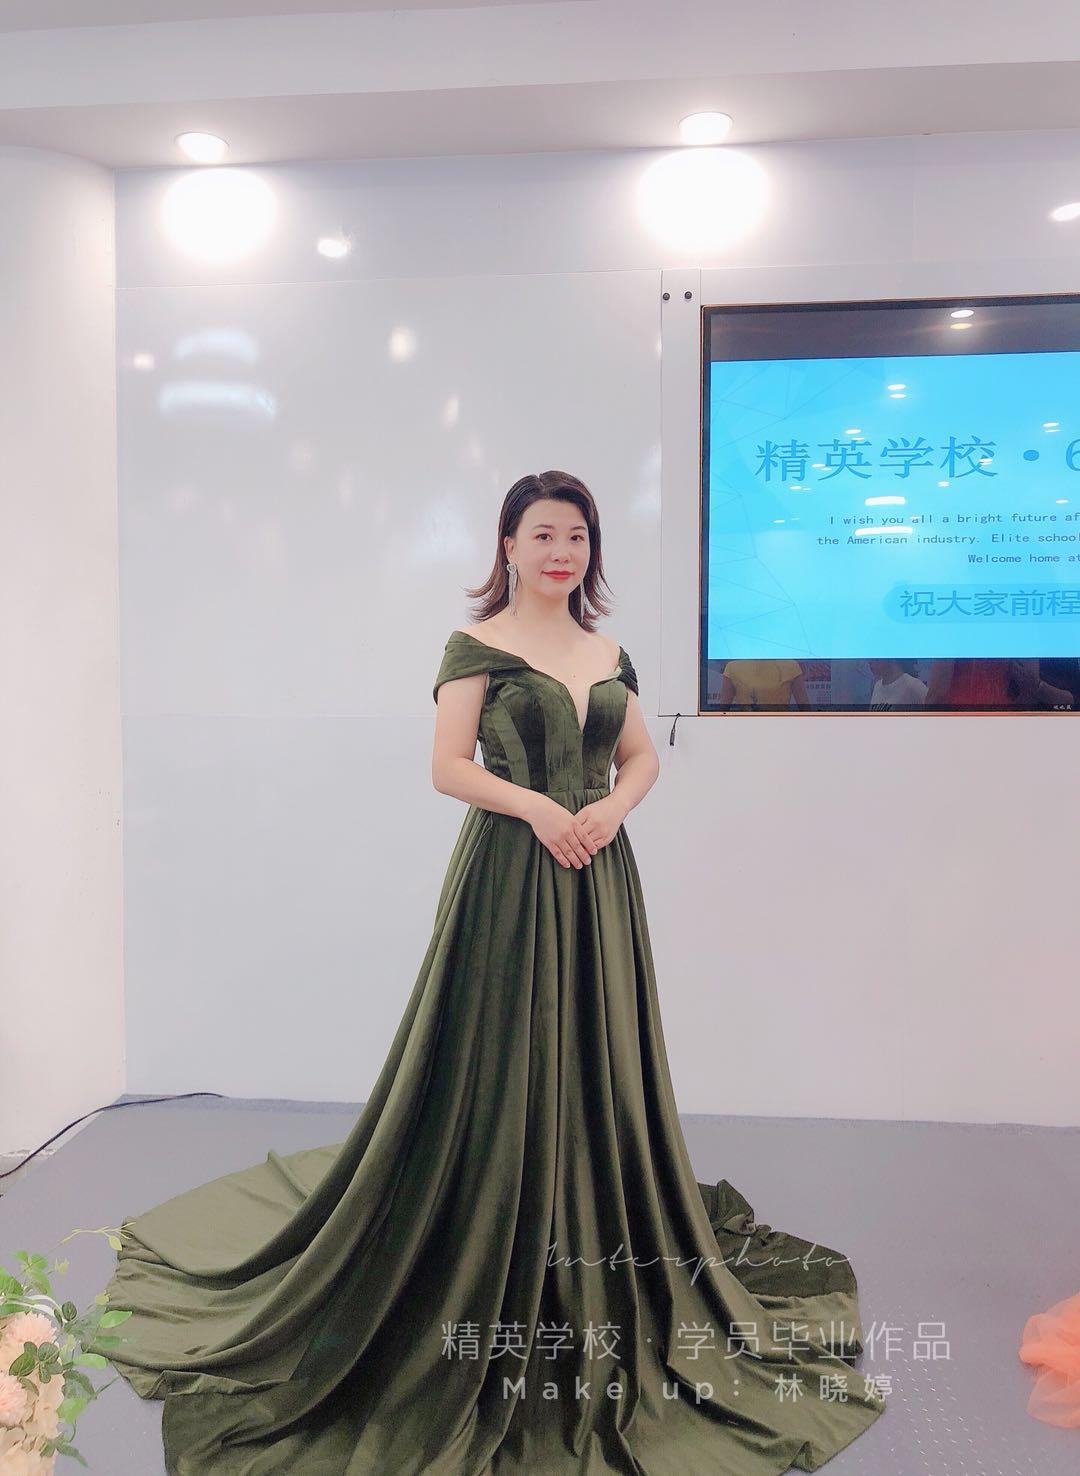 深圳化妝學校精英化妝學校6月畢業學員畢業作品圖片11